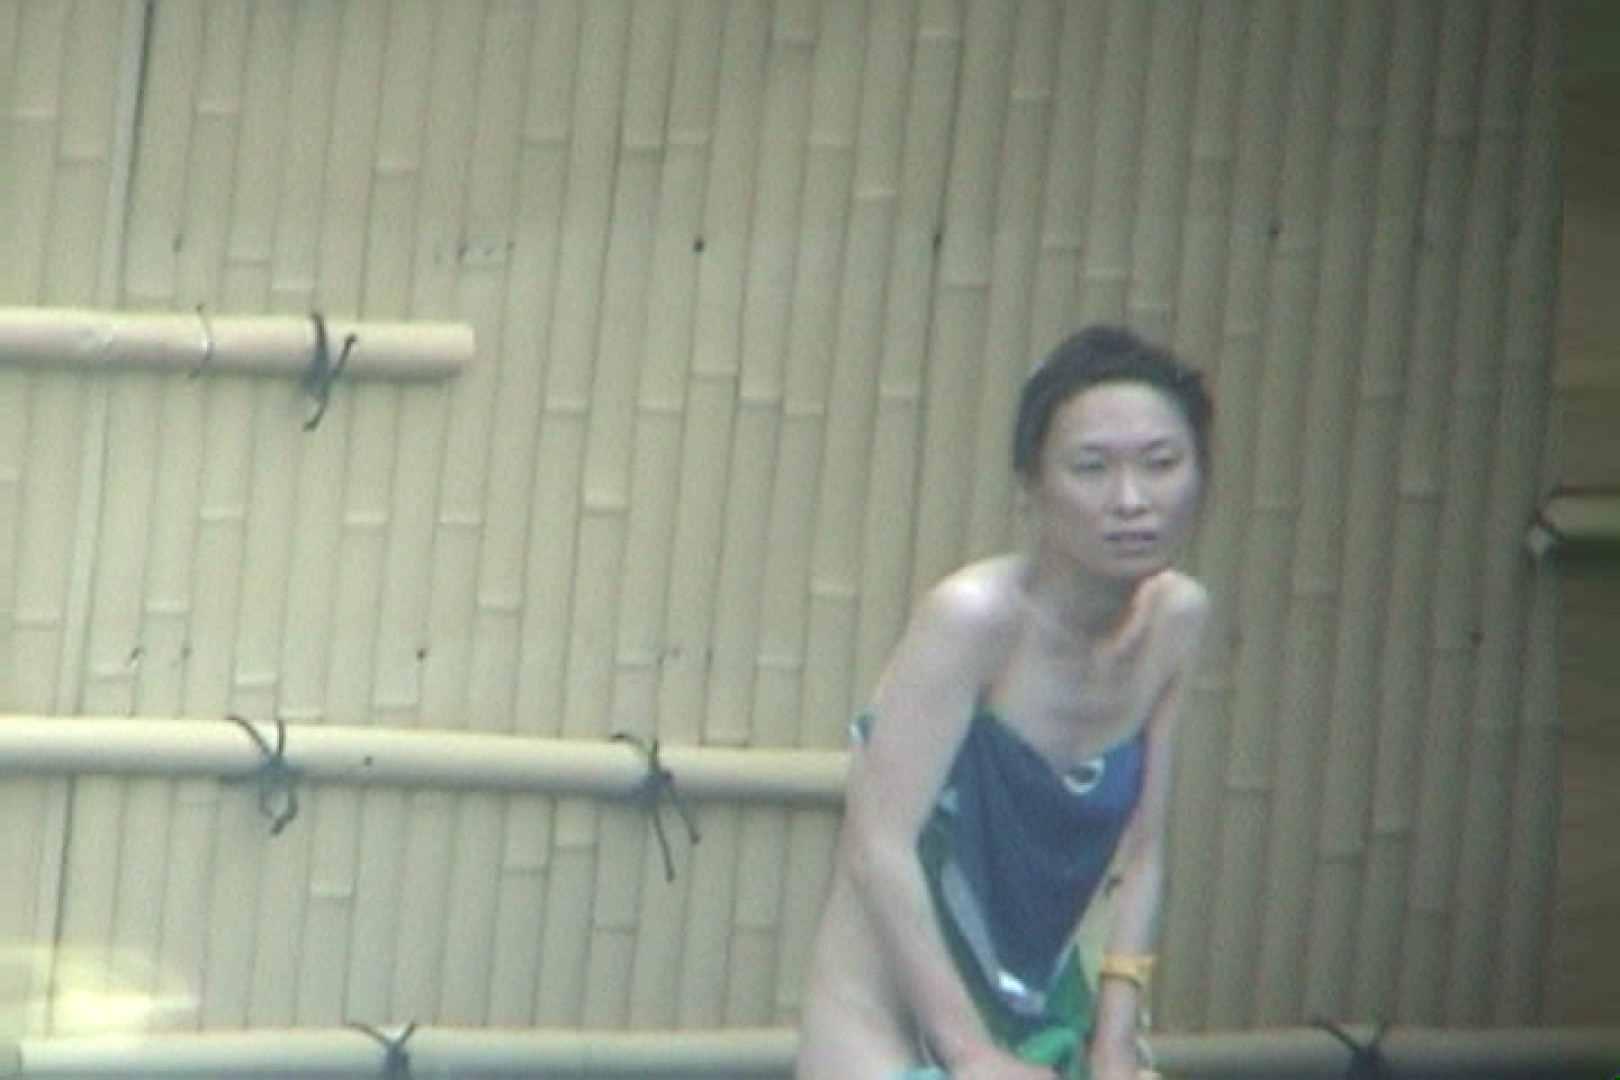 Aquaな露天風呂Vol.106 盗撮シリーズ  86PIX 54